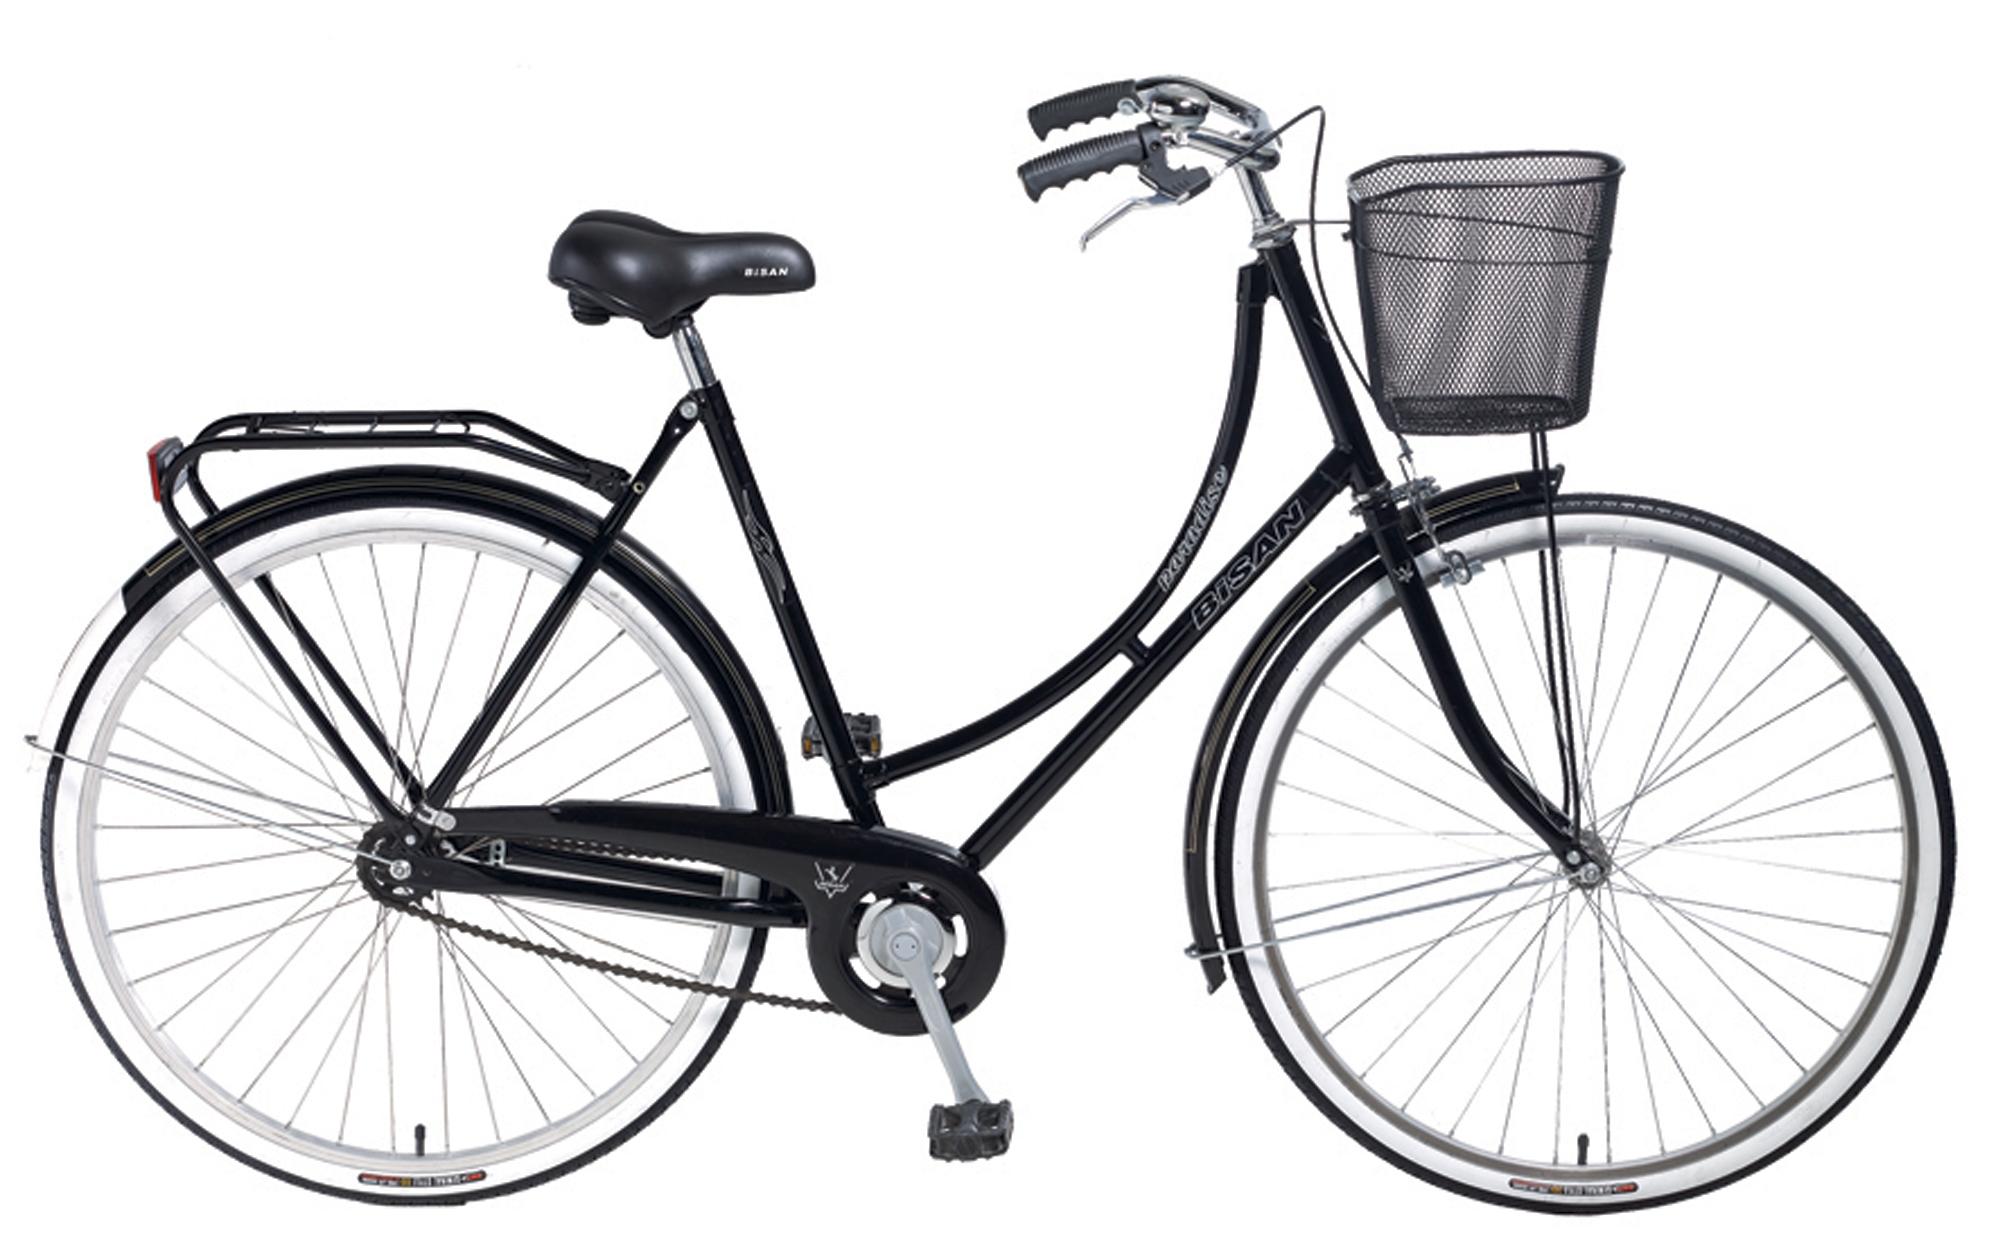 Rüyada Bisiklet Görmek Ruyatabirlericom